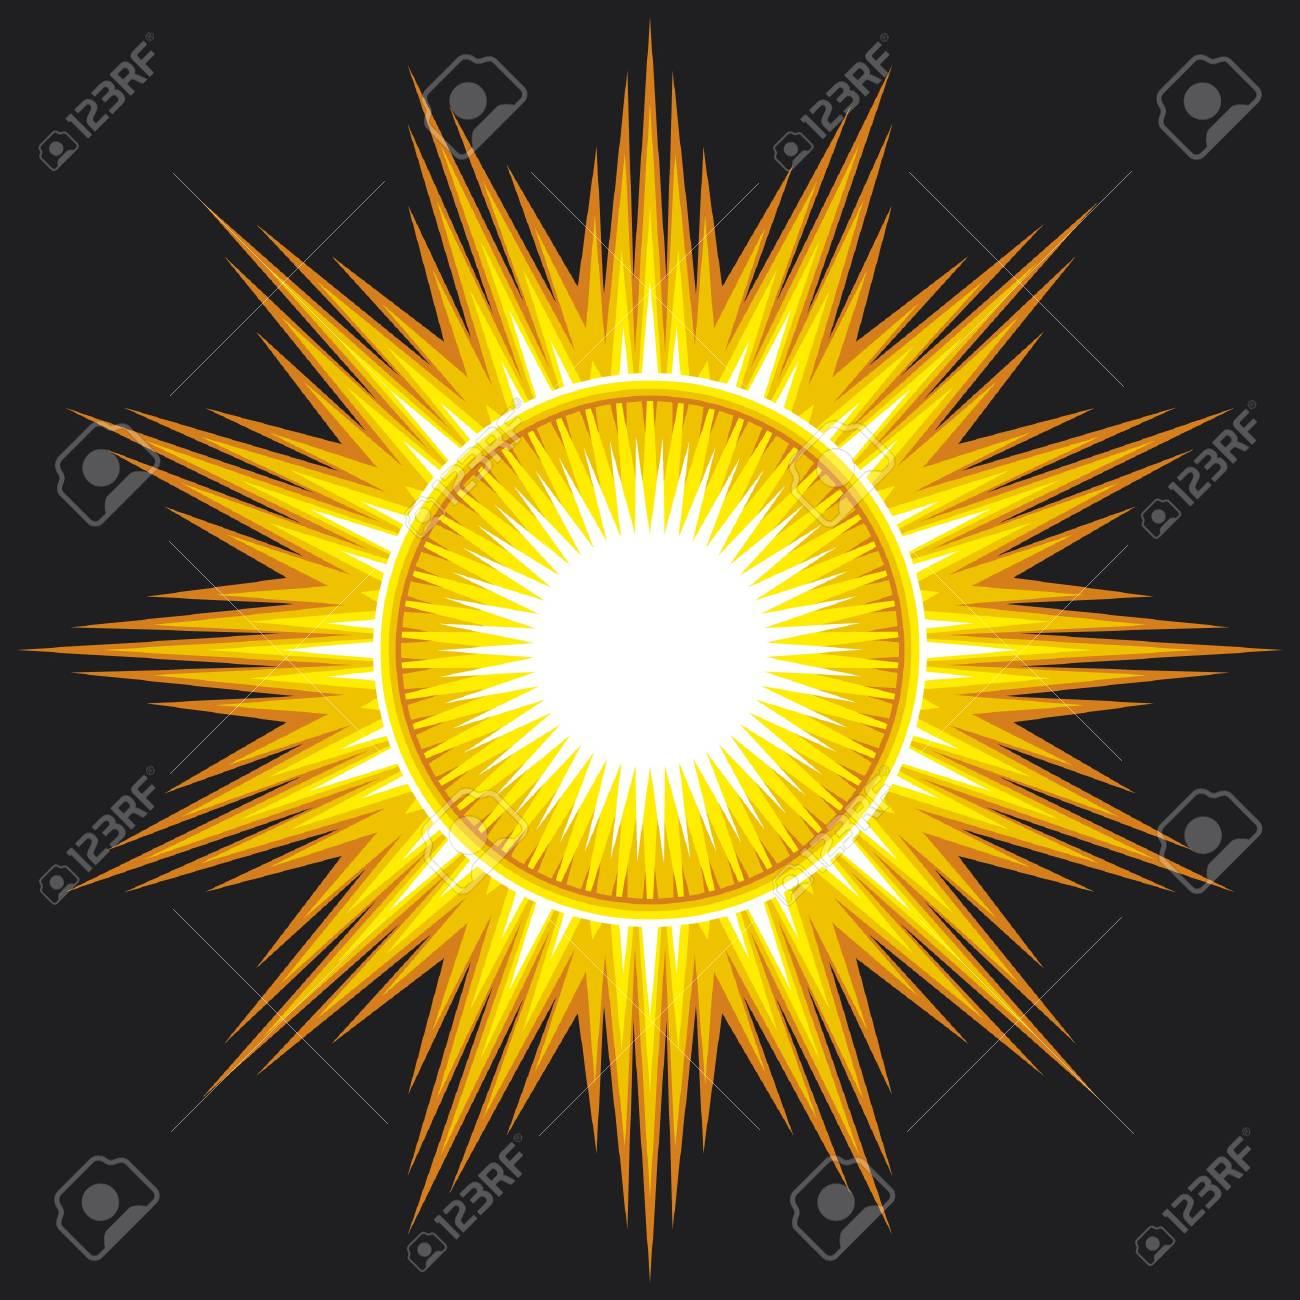 sun Stock Vector - 17971622